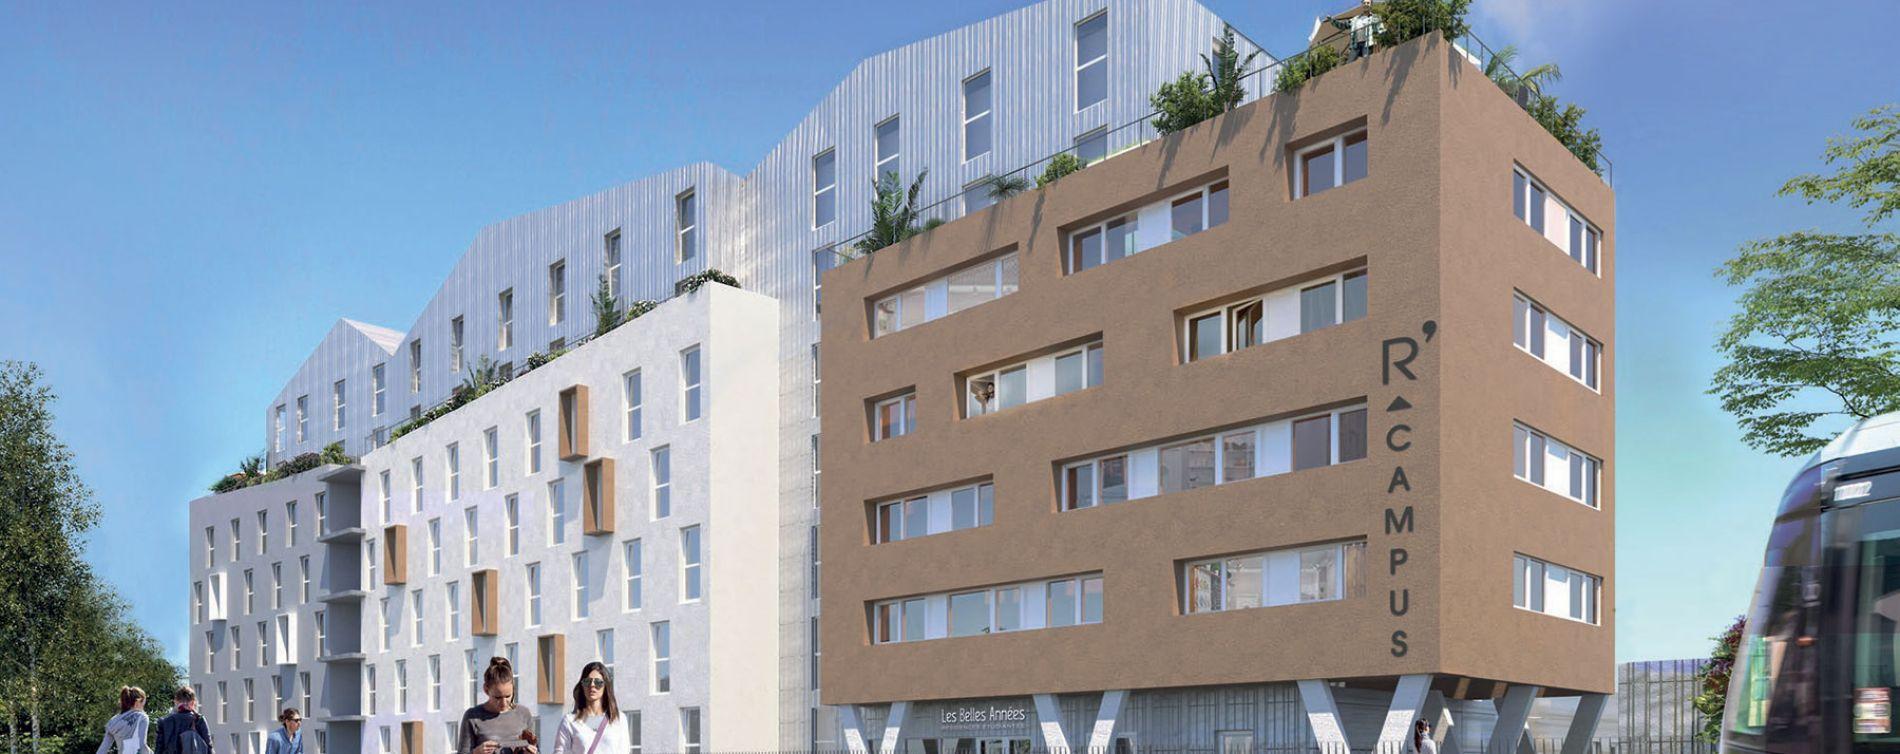 Résidence R'Campus à Brest